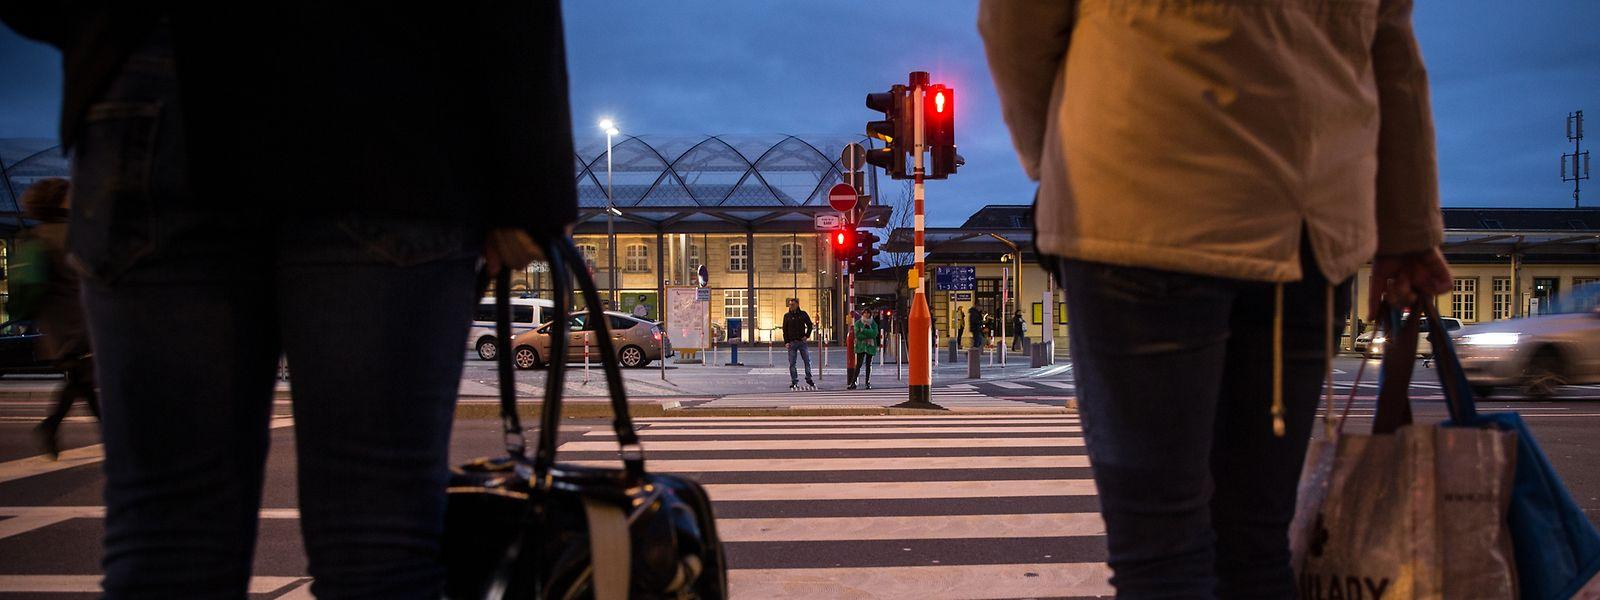 Die Ampel feiert ihren 150. Geburtstag – in Luxemburg gibt es sie erst seit 1951.